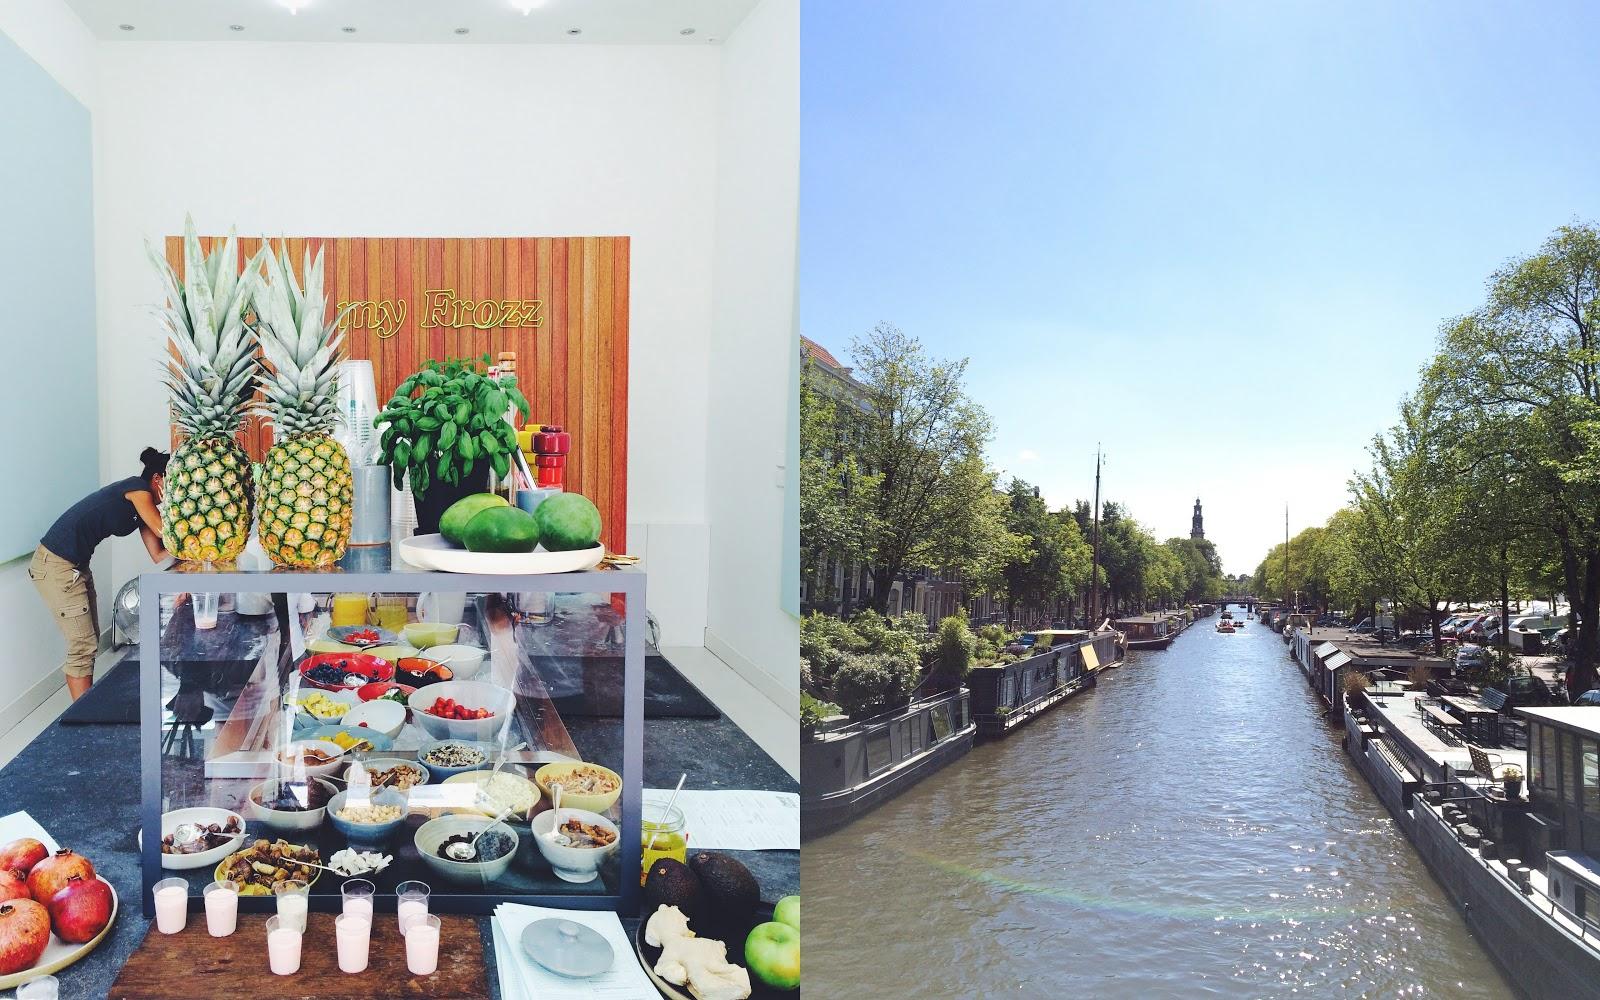 Frozz Amsterdam Hotspot Guide